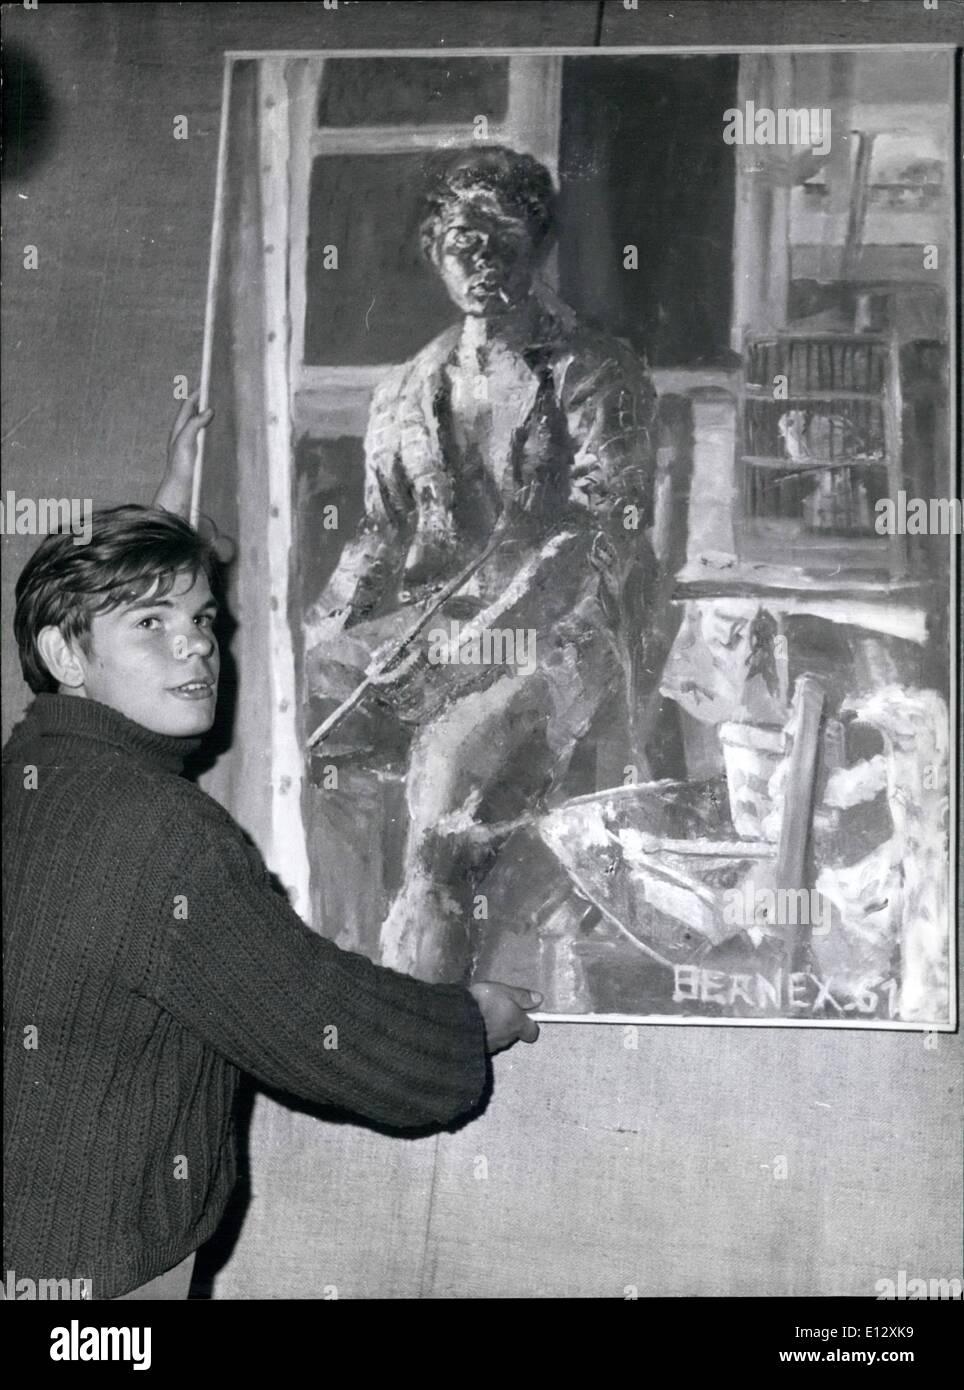 Febrero 26, 2012 - Quince Años Pintor Expone en París. A la izquierda la galería de arte del banco ahora está mostrando la pintura realizada por un pintor de 15 años Olivier Bernex. OPS: el joven artista fotografiado antes de una de sus pinturas. Imagen De Stock